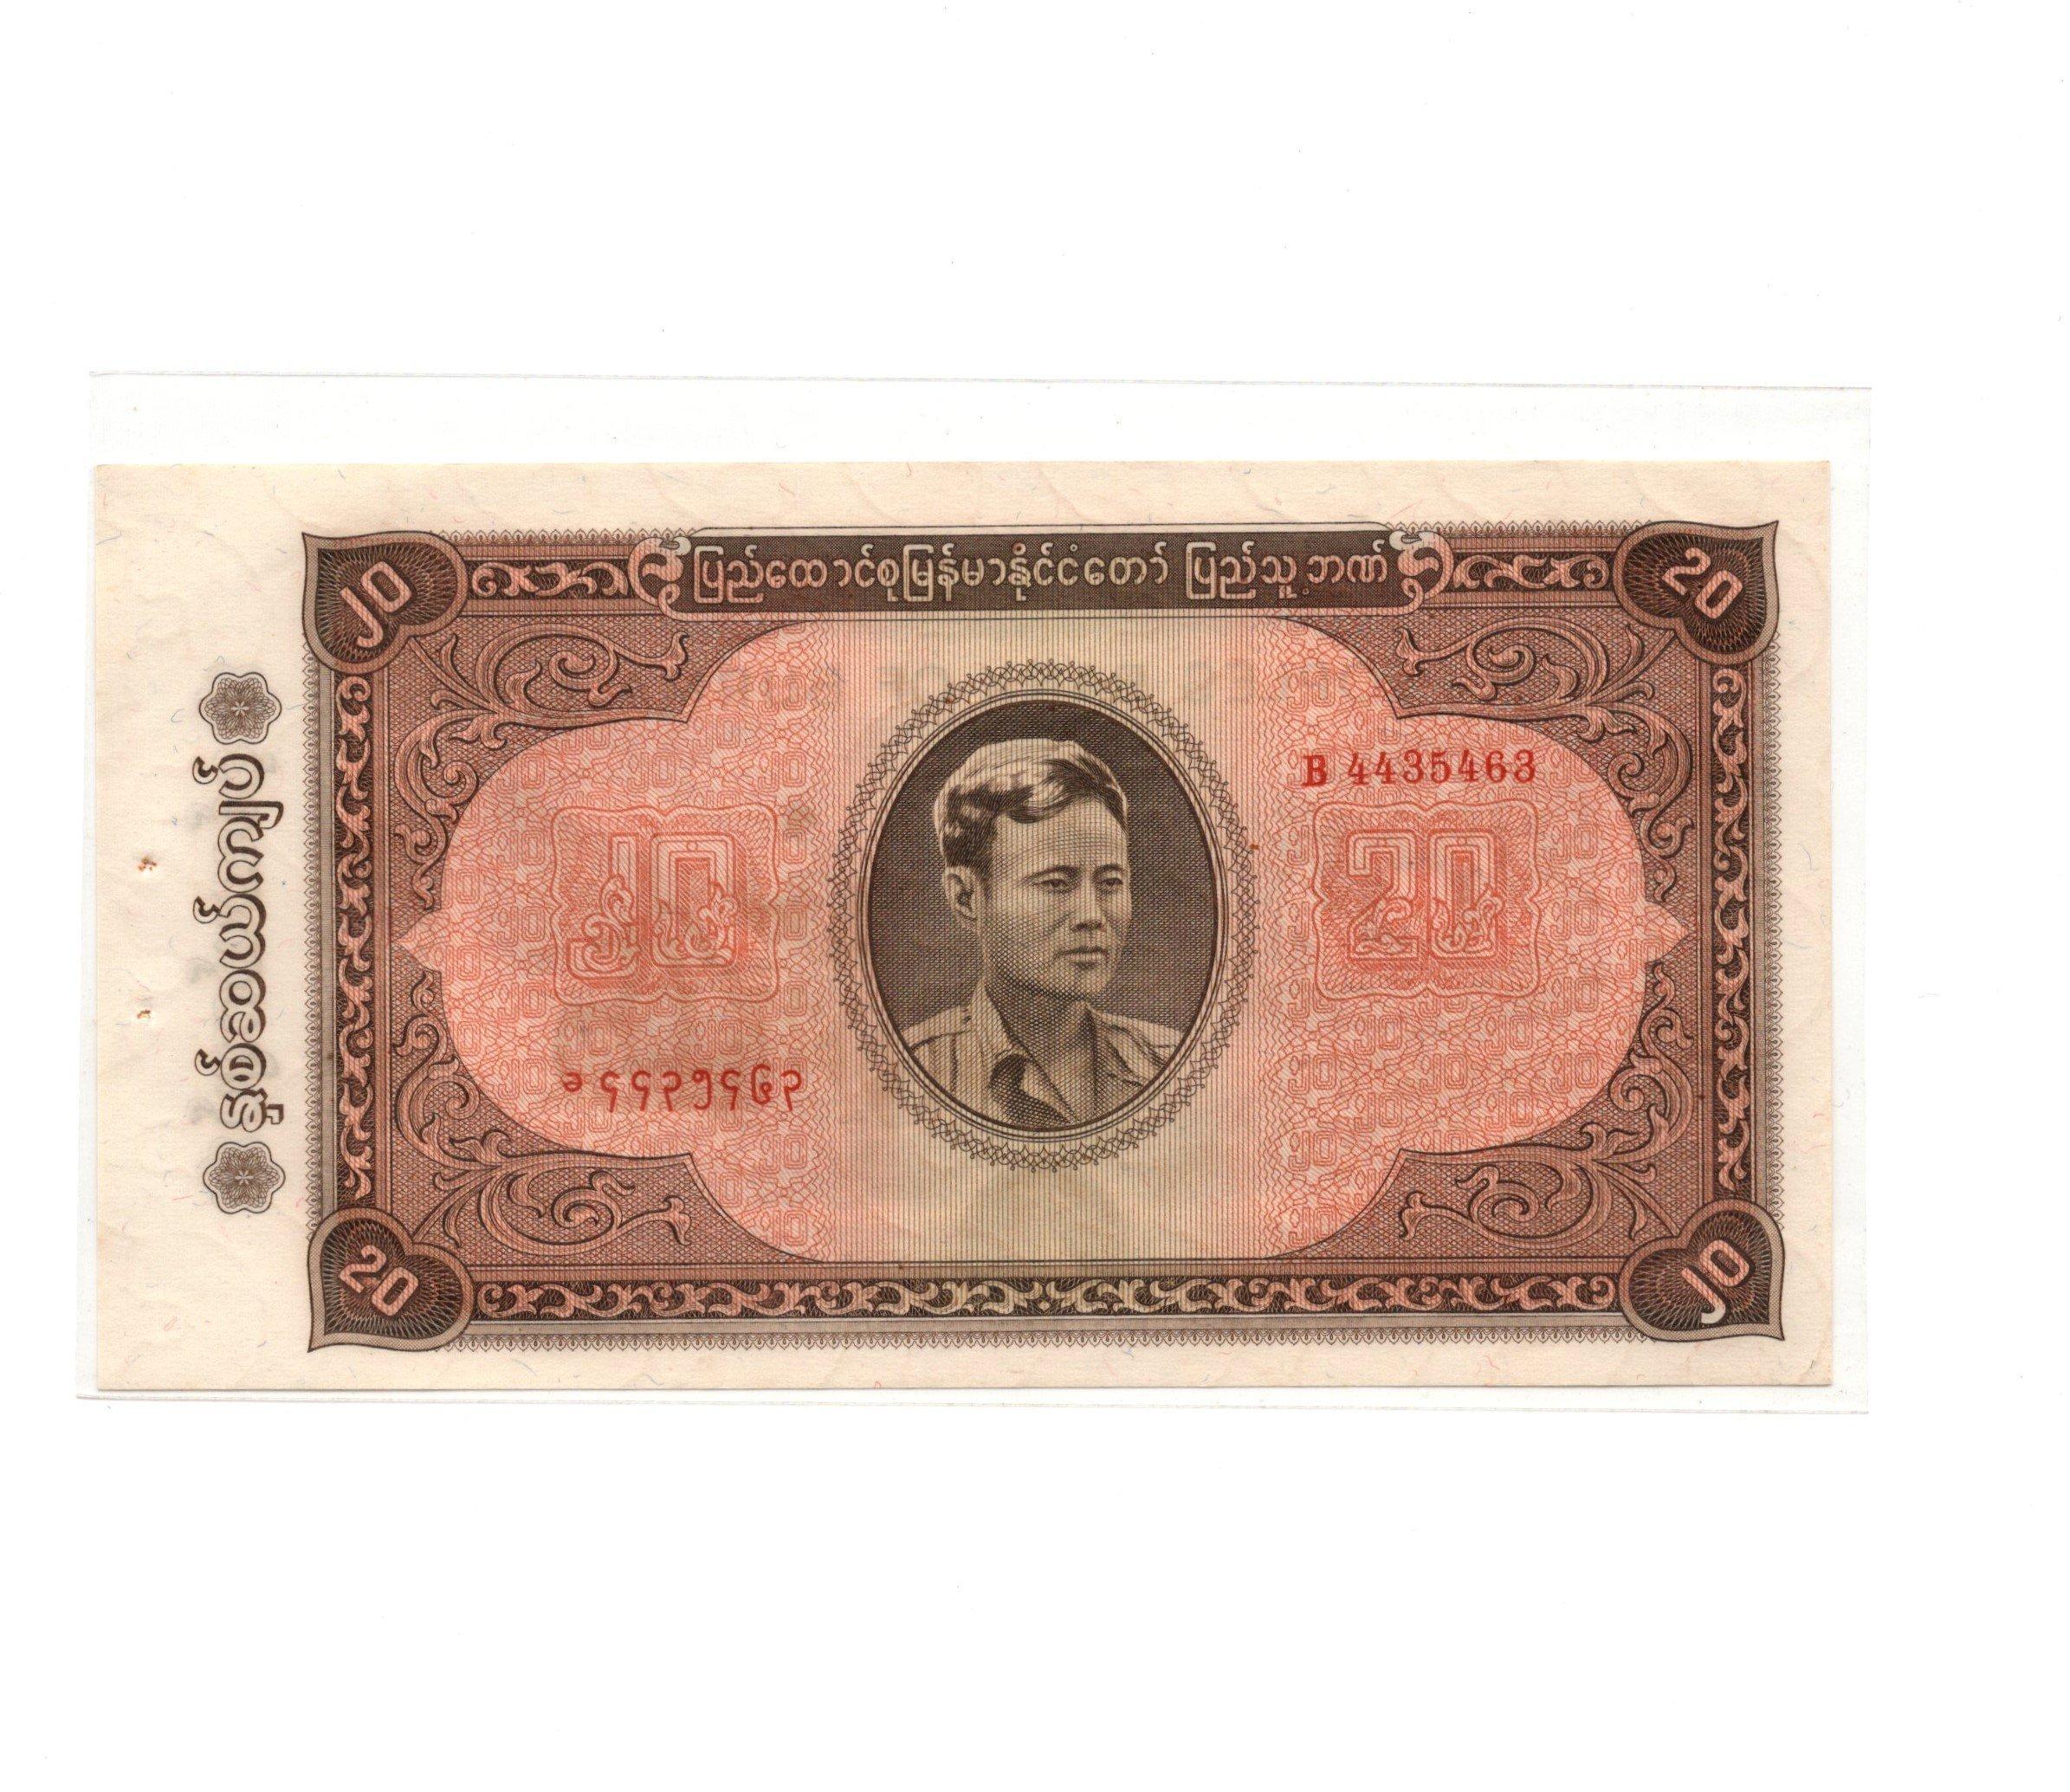 Burma 20 kyat 1965